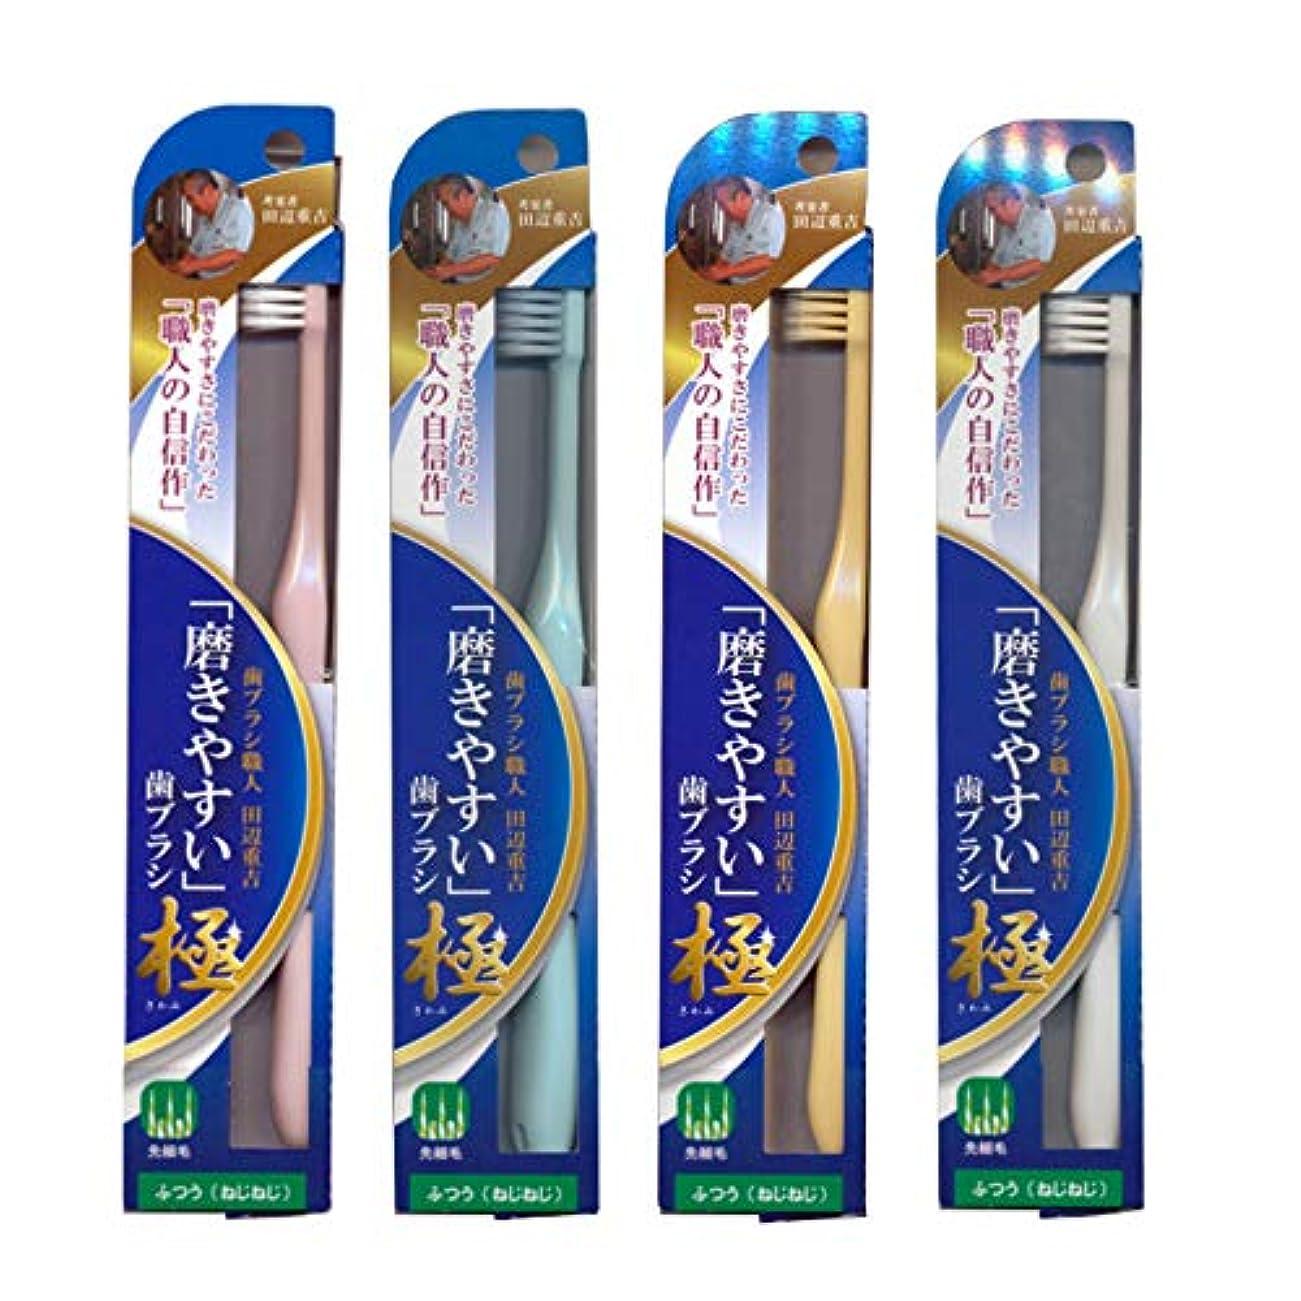 限り方程式泳ぐ磨きやすい歯ブラシ極 (ふつう ねじねじ) LT-45×12本セット(ピンク×3、ブルー×3、ホワイト×3、イエロー×3) 先細毛